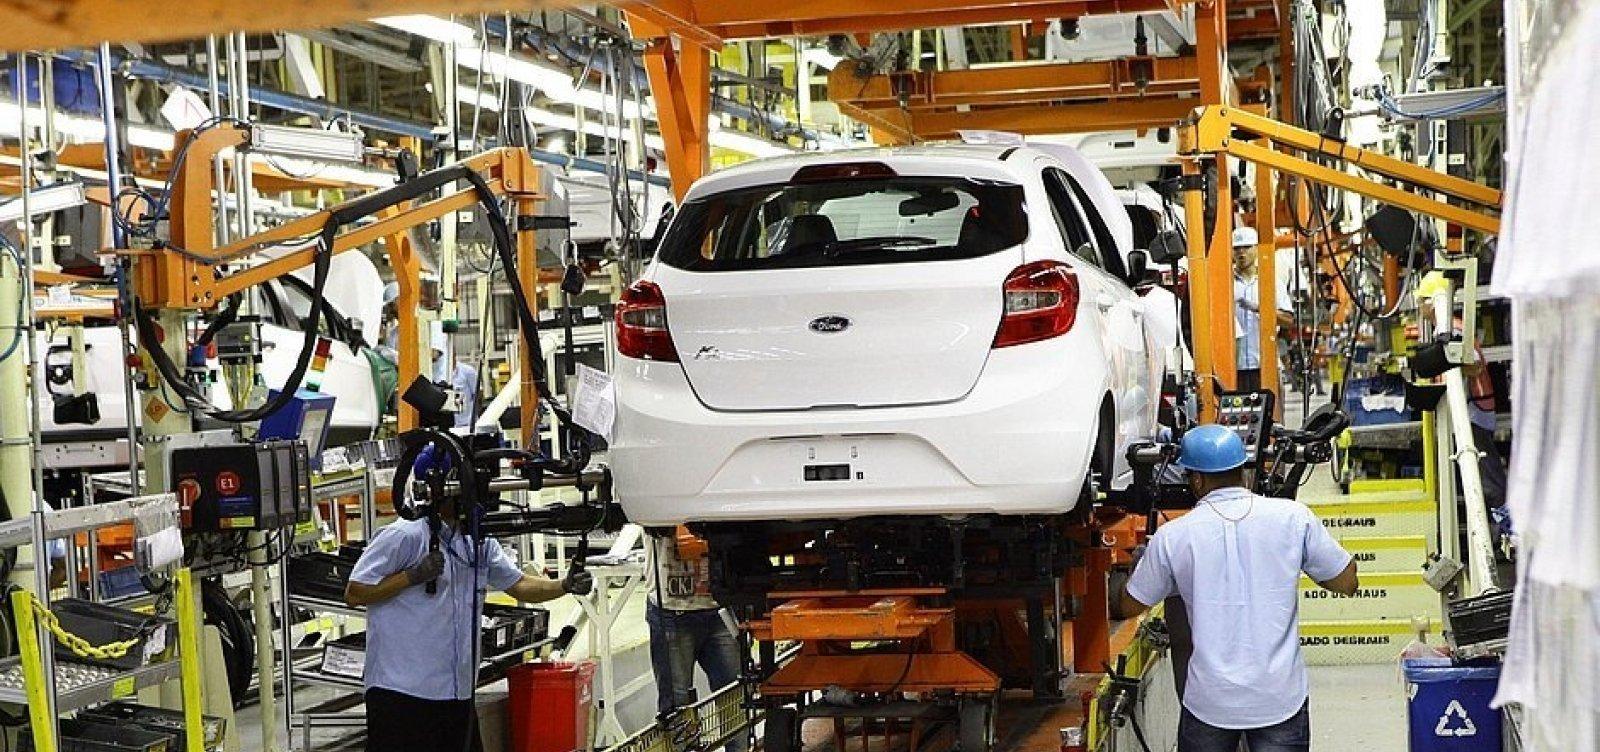 Encerramento de produção da Ford causa maior tombo na indústria da Bahia desde maio de 2020, aponta IBGE